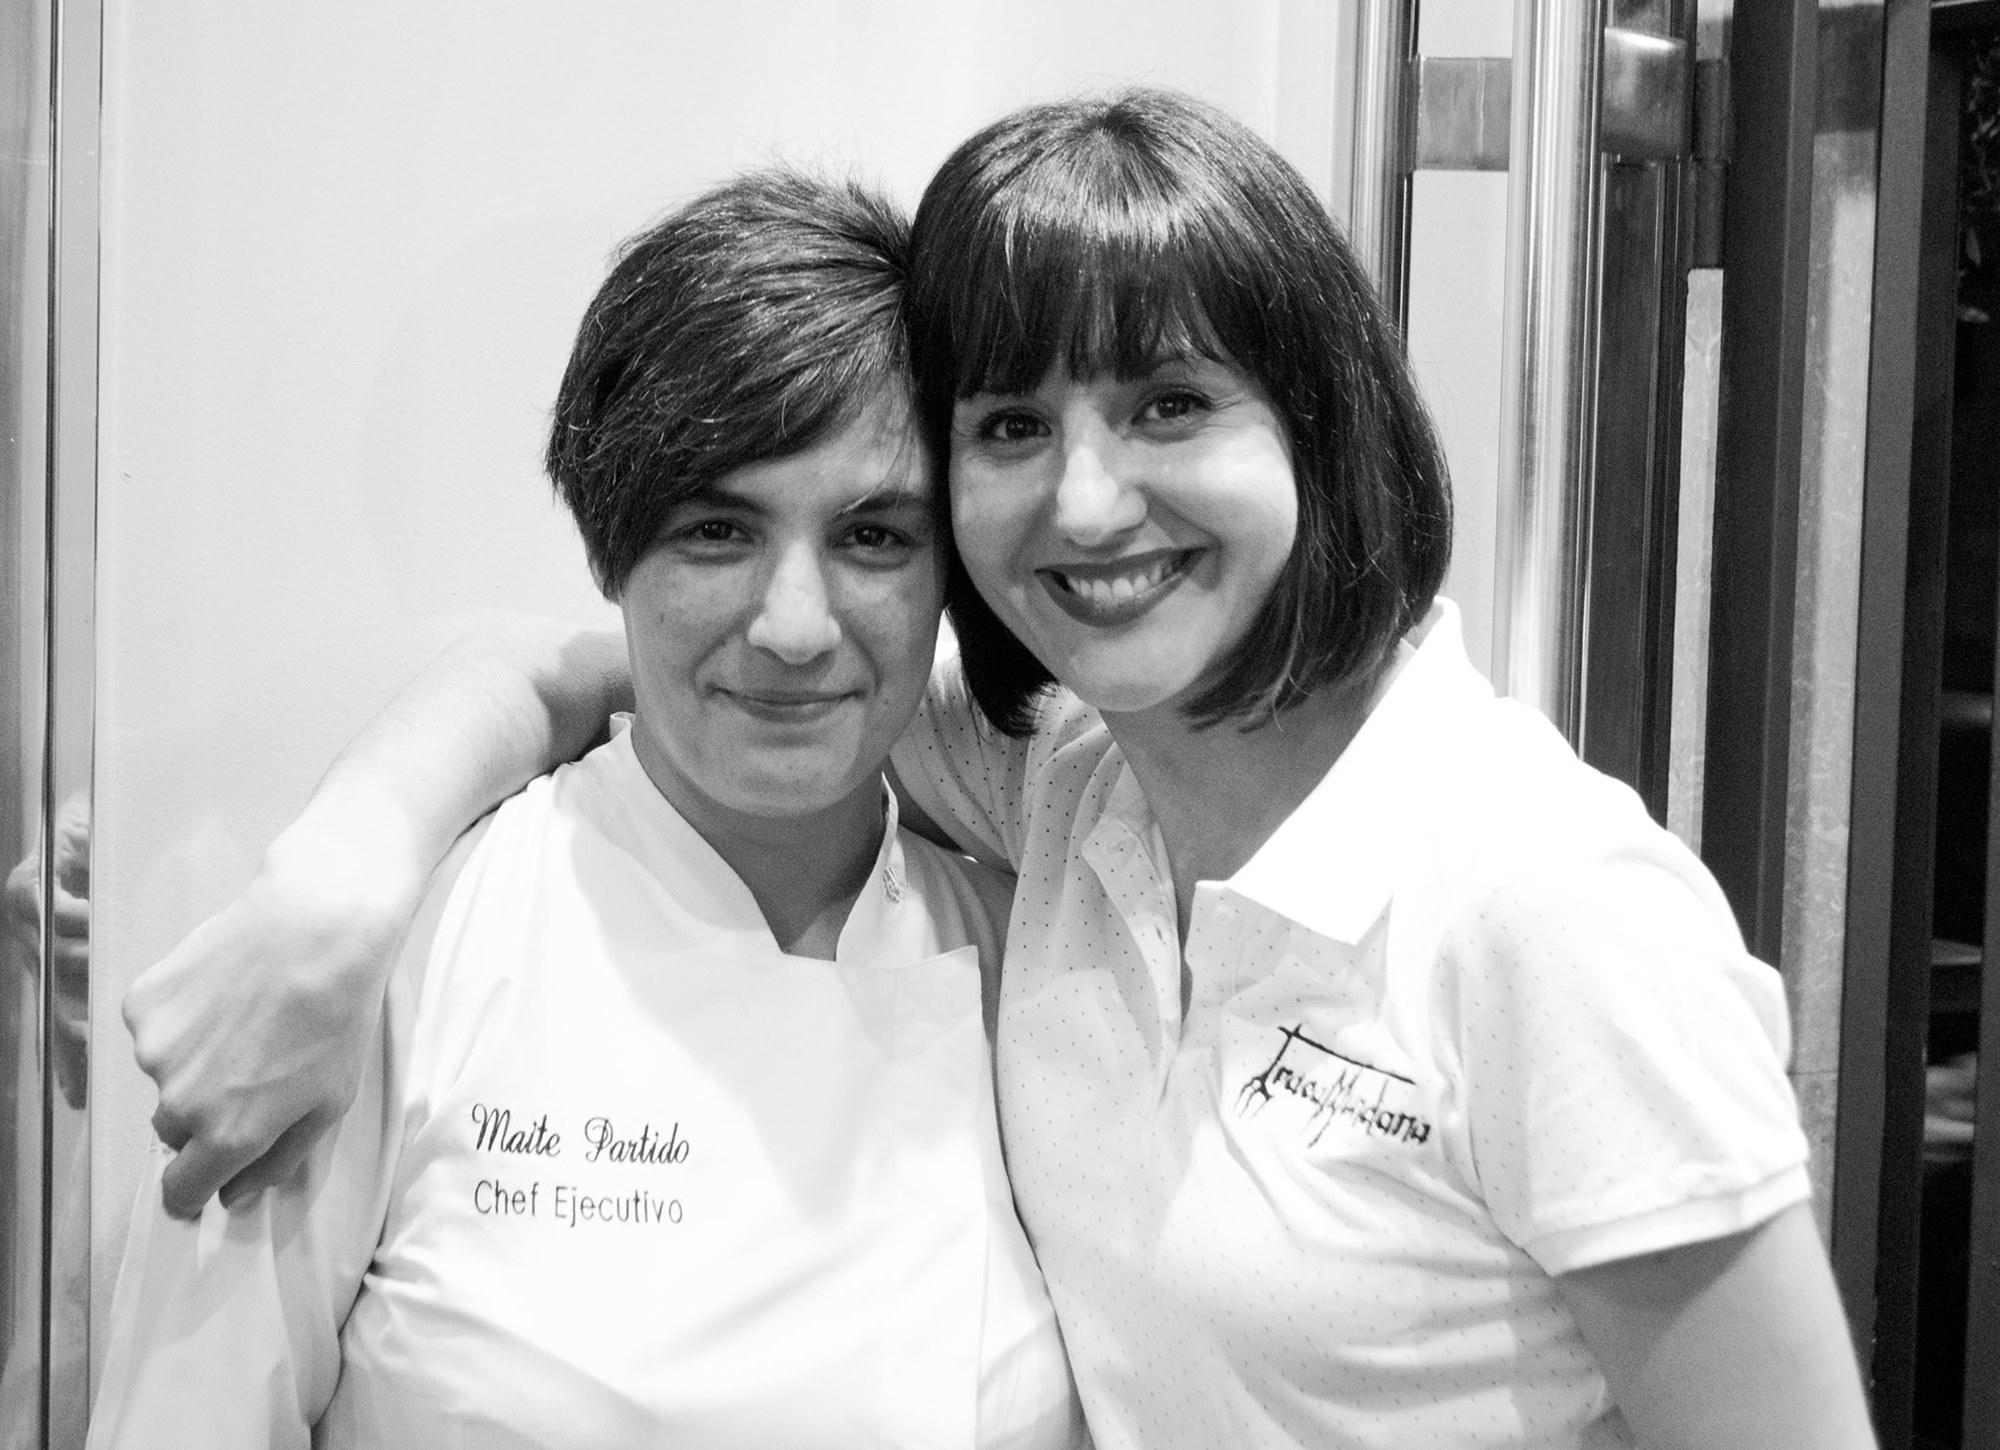 Romina Saldaño y Maite Partido, las artífices de 'Tracamundana'. Foto: Facebook Tracamundana.